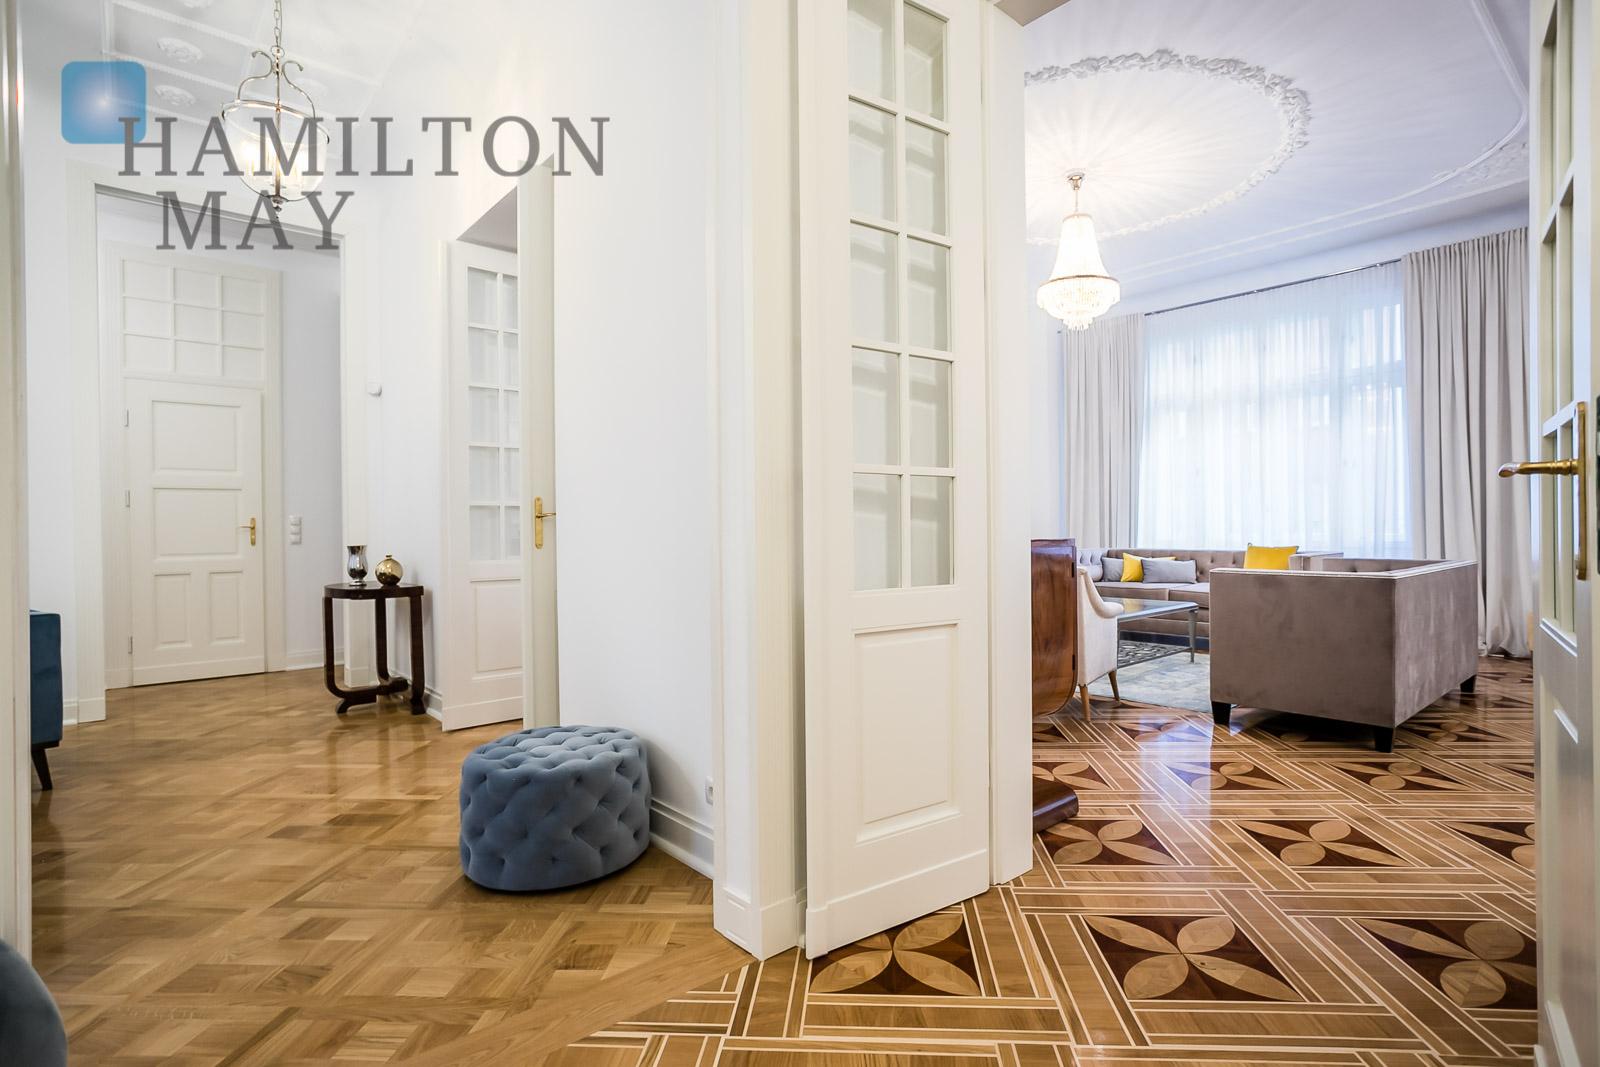 Piękny apartament w stylu art deco w zrewitalizowanej kamienicy przy Nowogrodzkiej 4.  Warszawa na wynajem